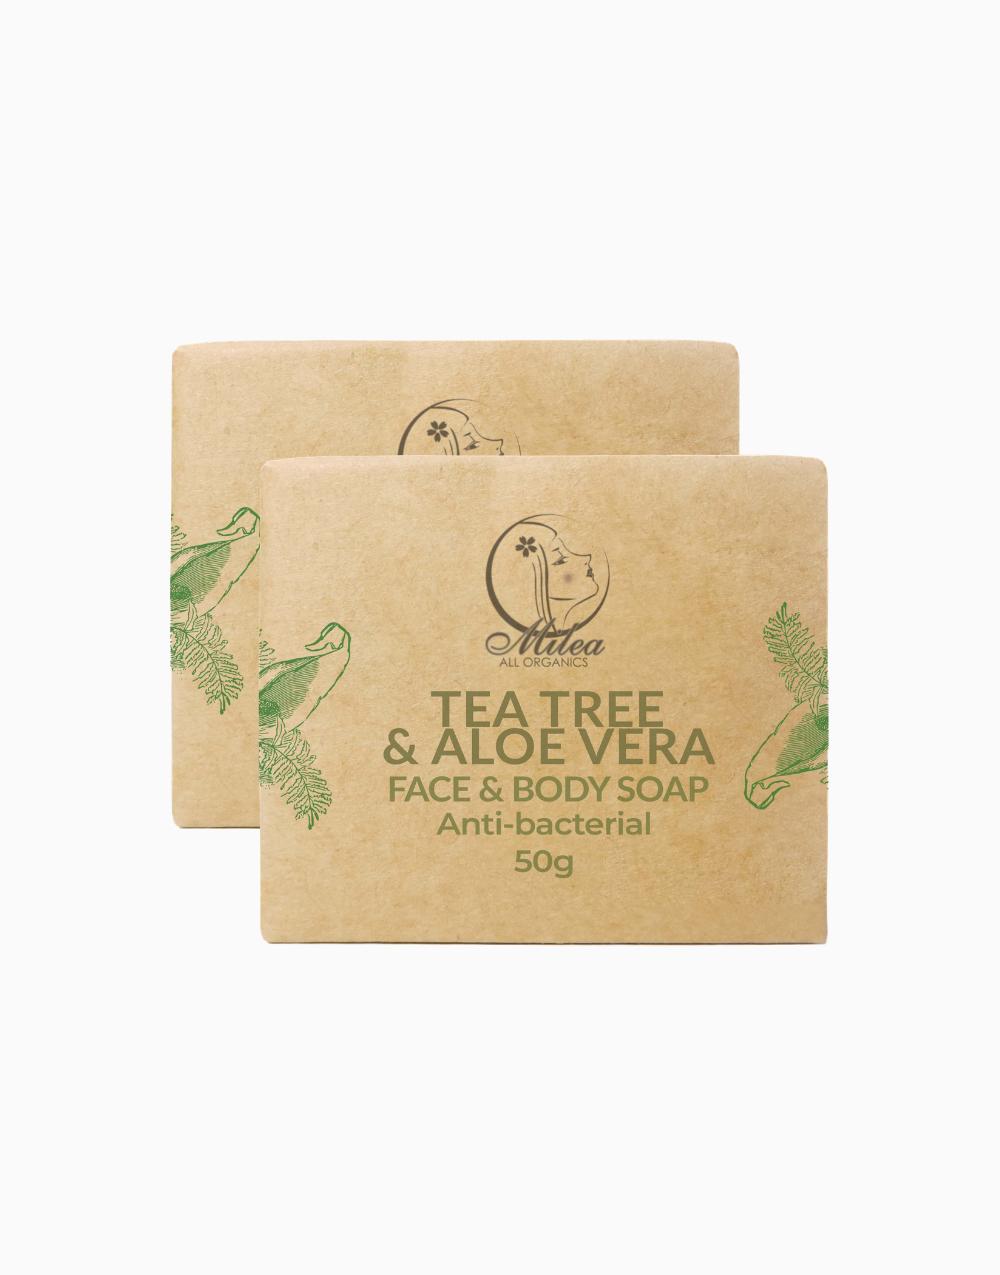 Tea Tree & Aloe Vera Soap (50g x 2 Pcs.) by Milea